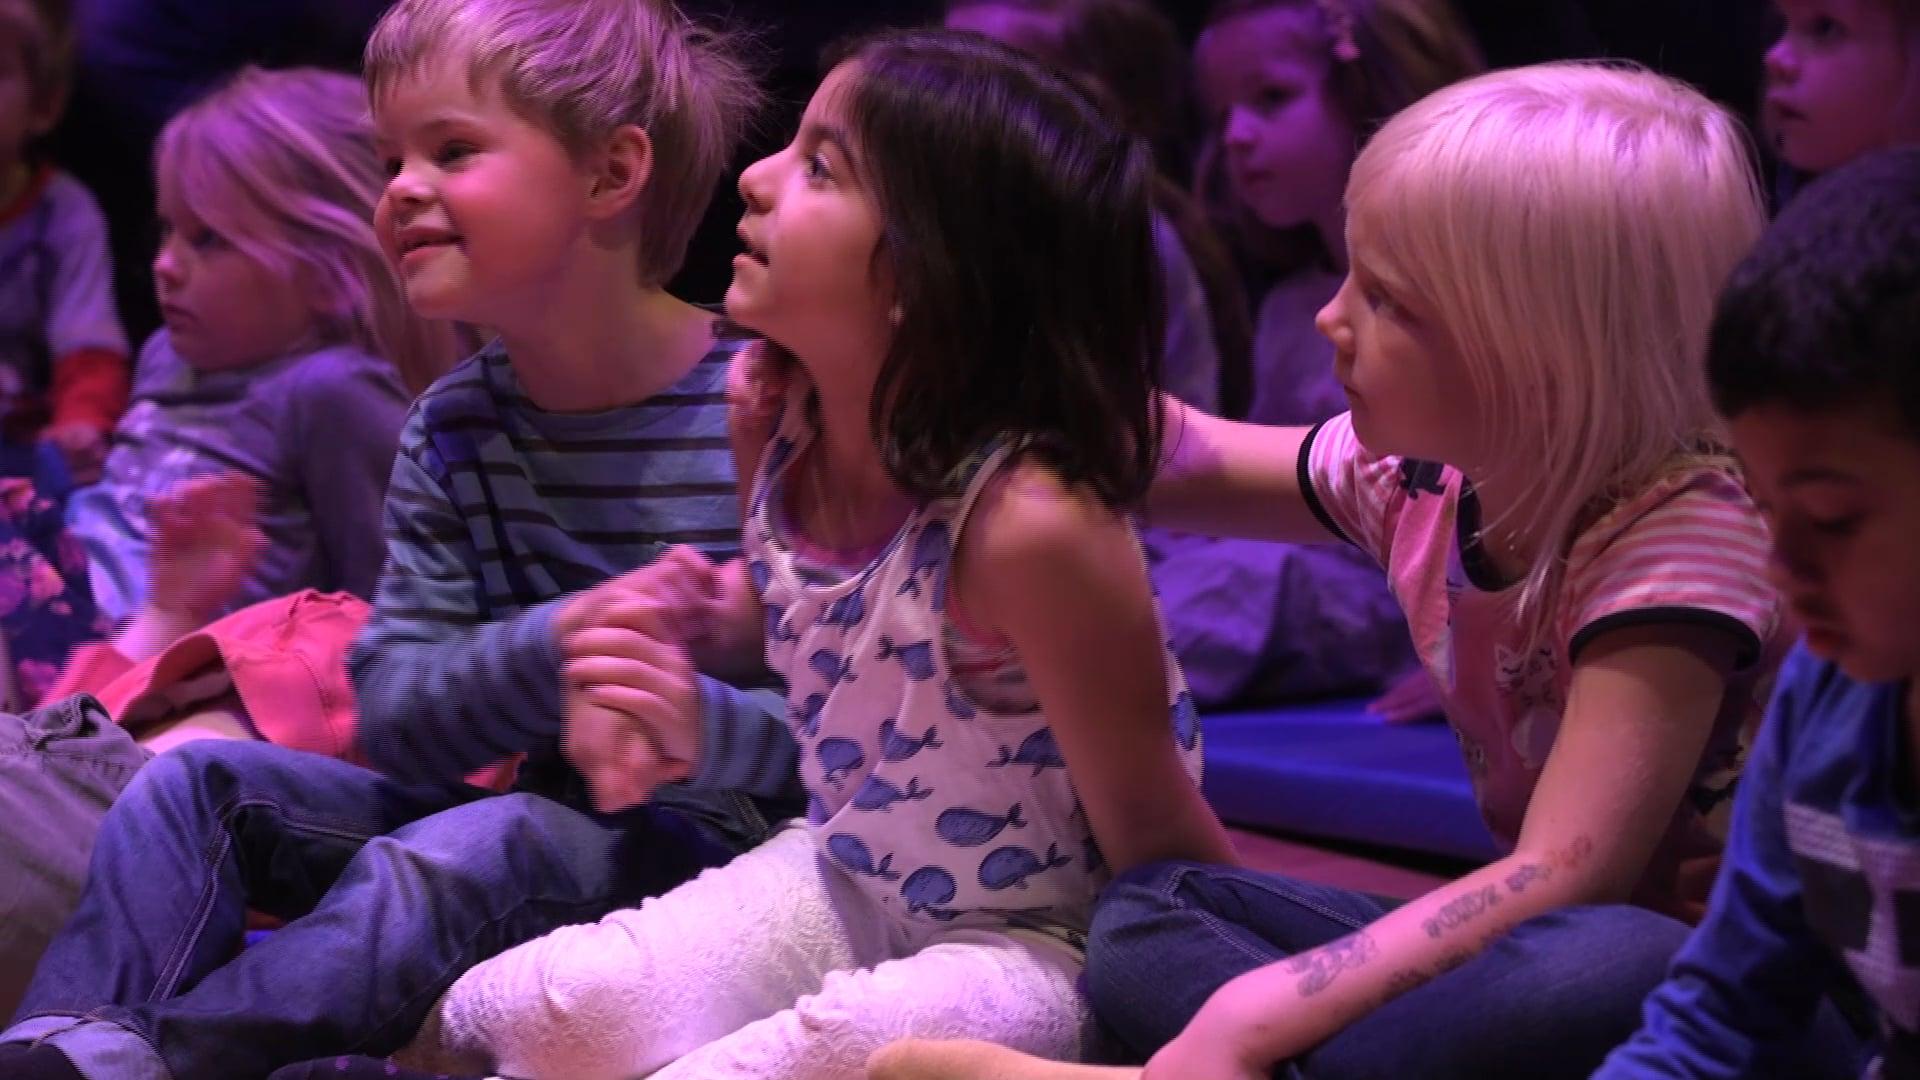 högkvalitativa inspelningar för barn och unga: reportage